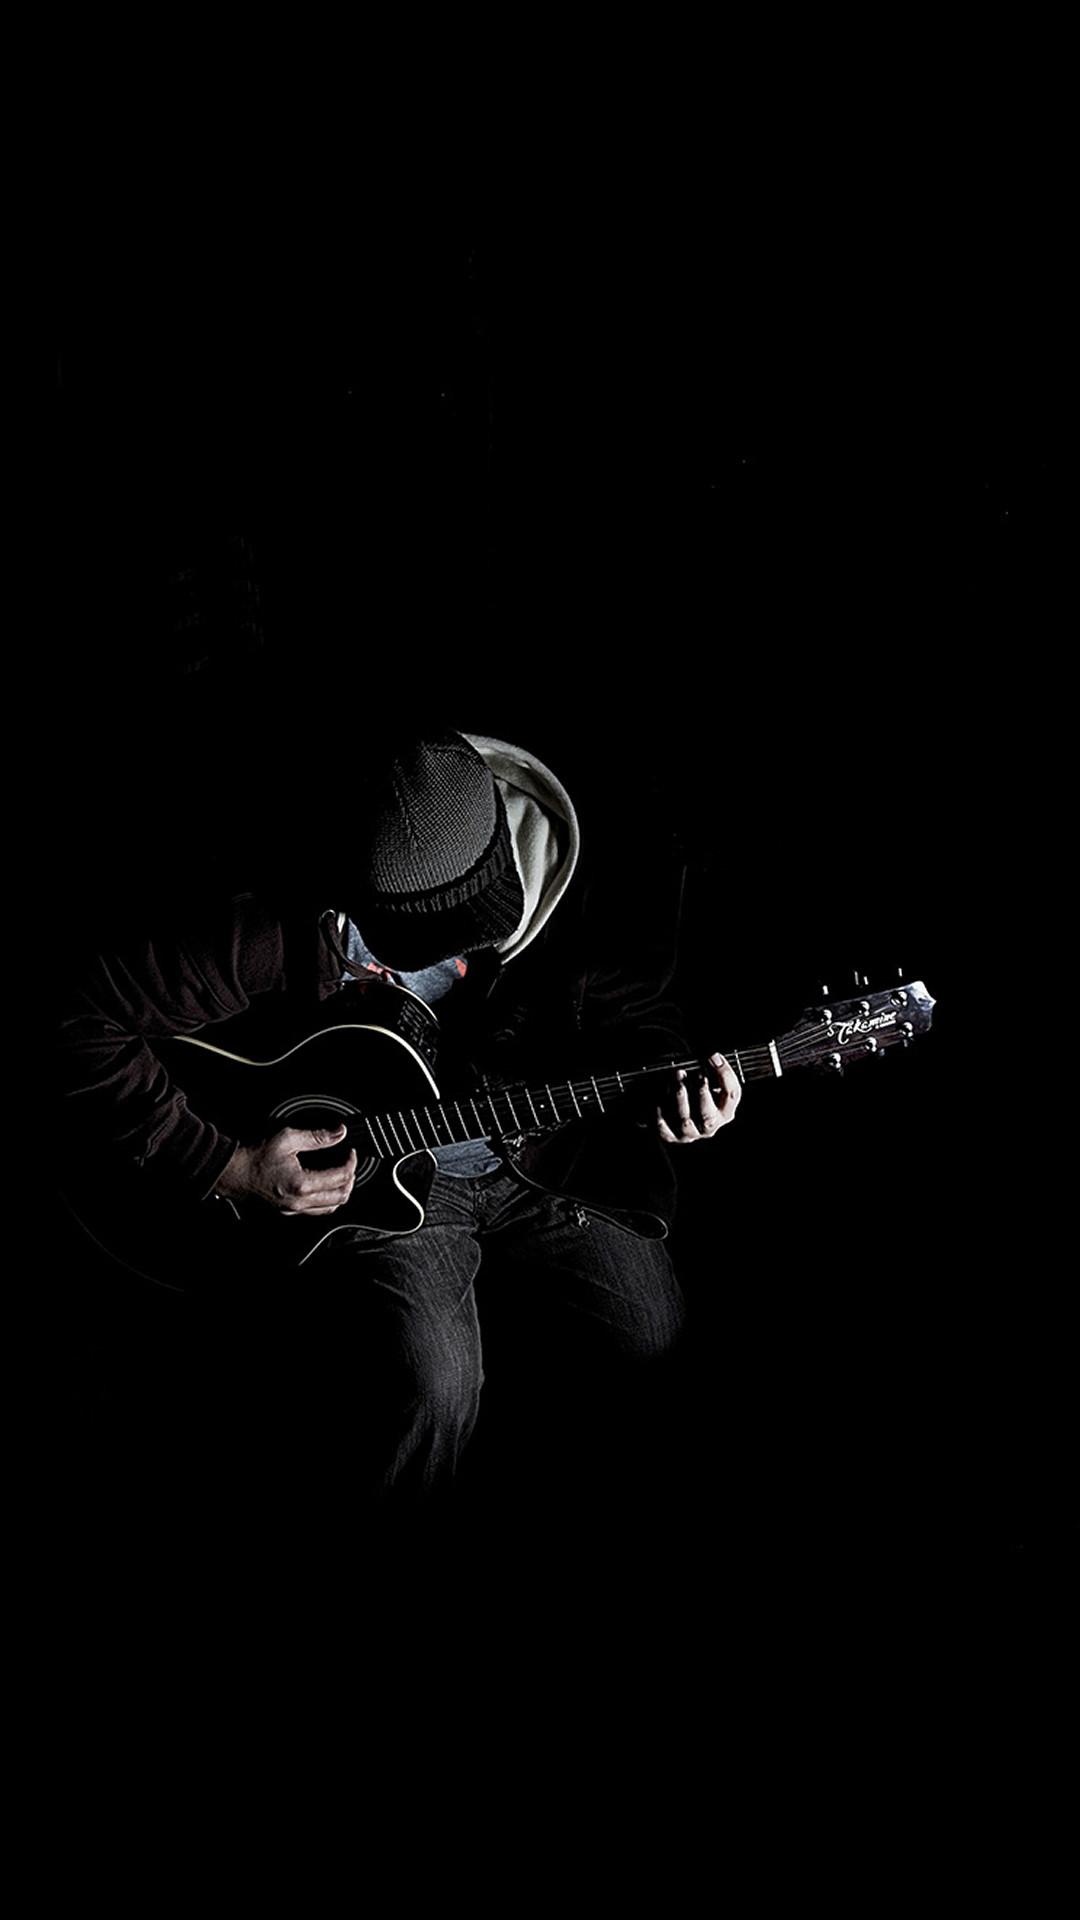 Guitar Iphone Wallpaper 79 Images